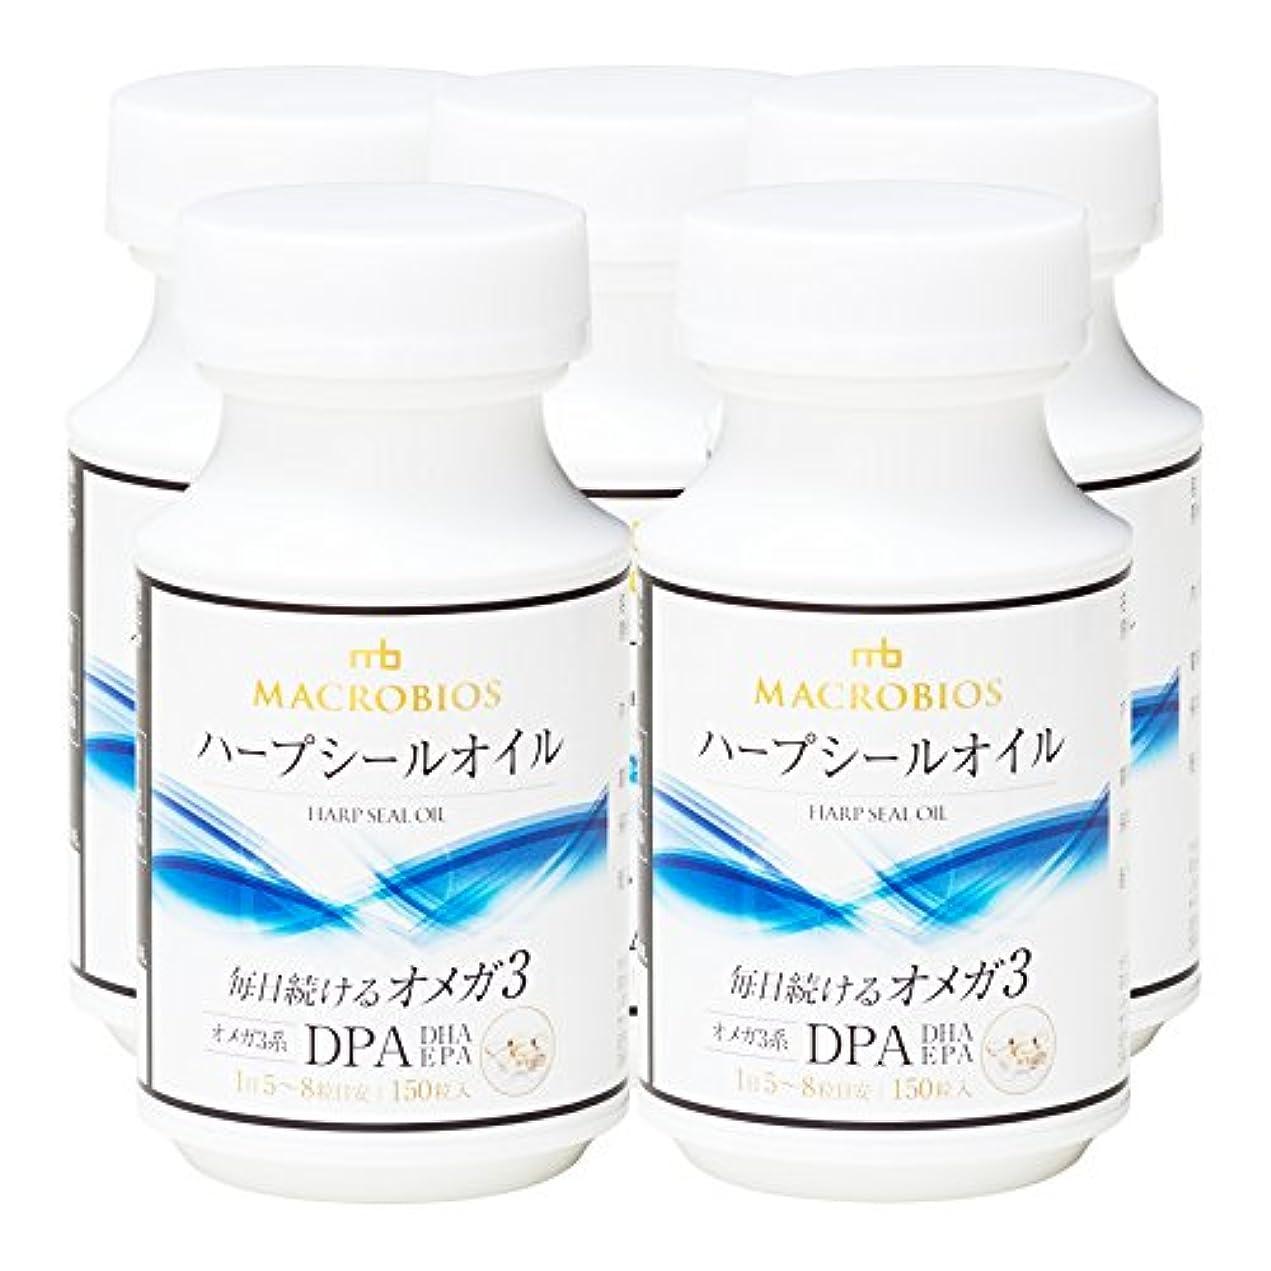 耐える無秩序用量ハープシールオイル 150粒 (アザラシ油) DPA DHA EPA オメガ3 サプリメント (5個セット)